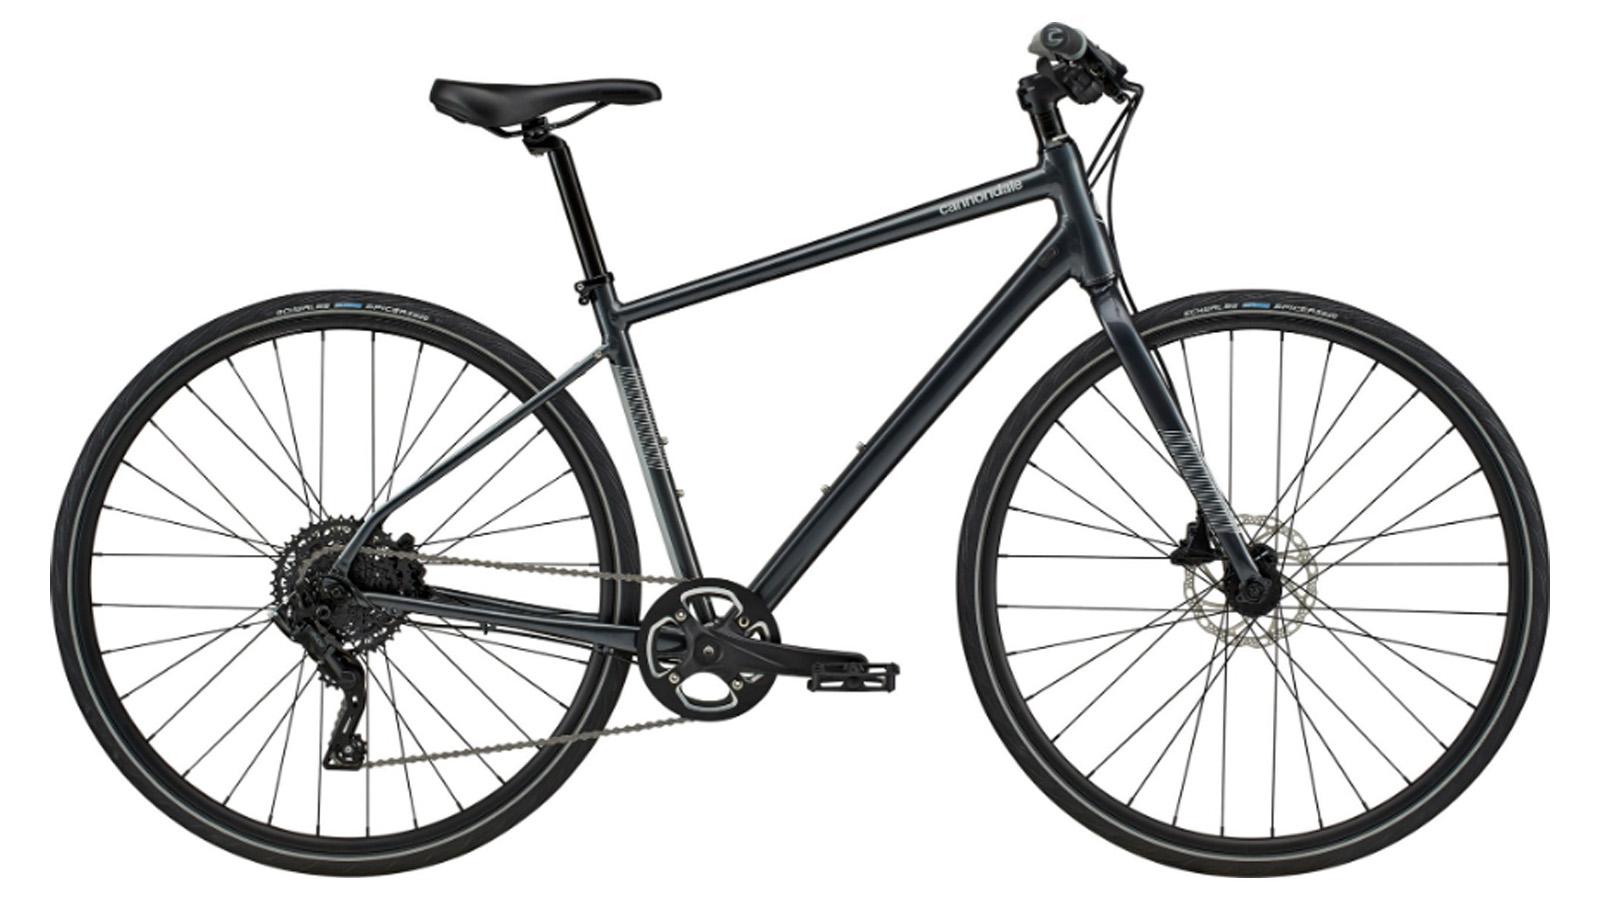 Best commuter bike: Cannondale Quick 4 Disc